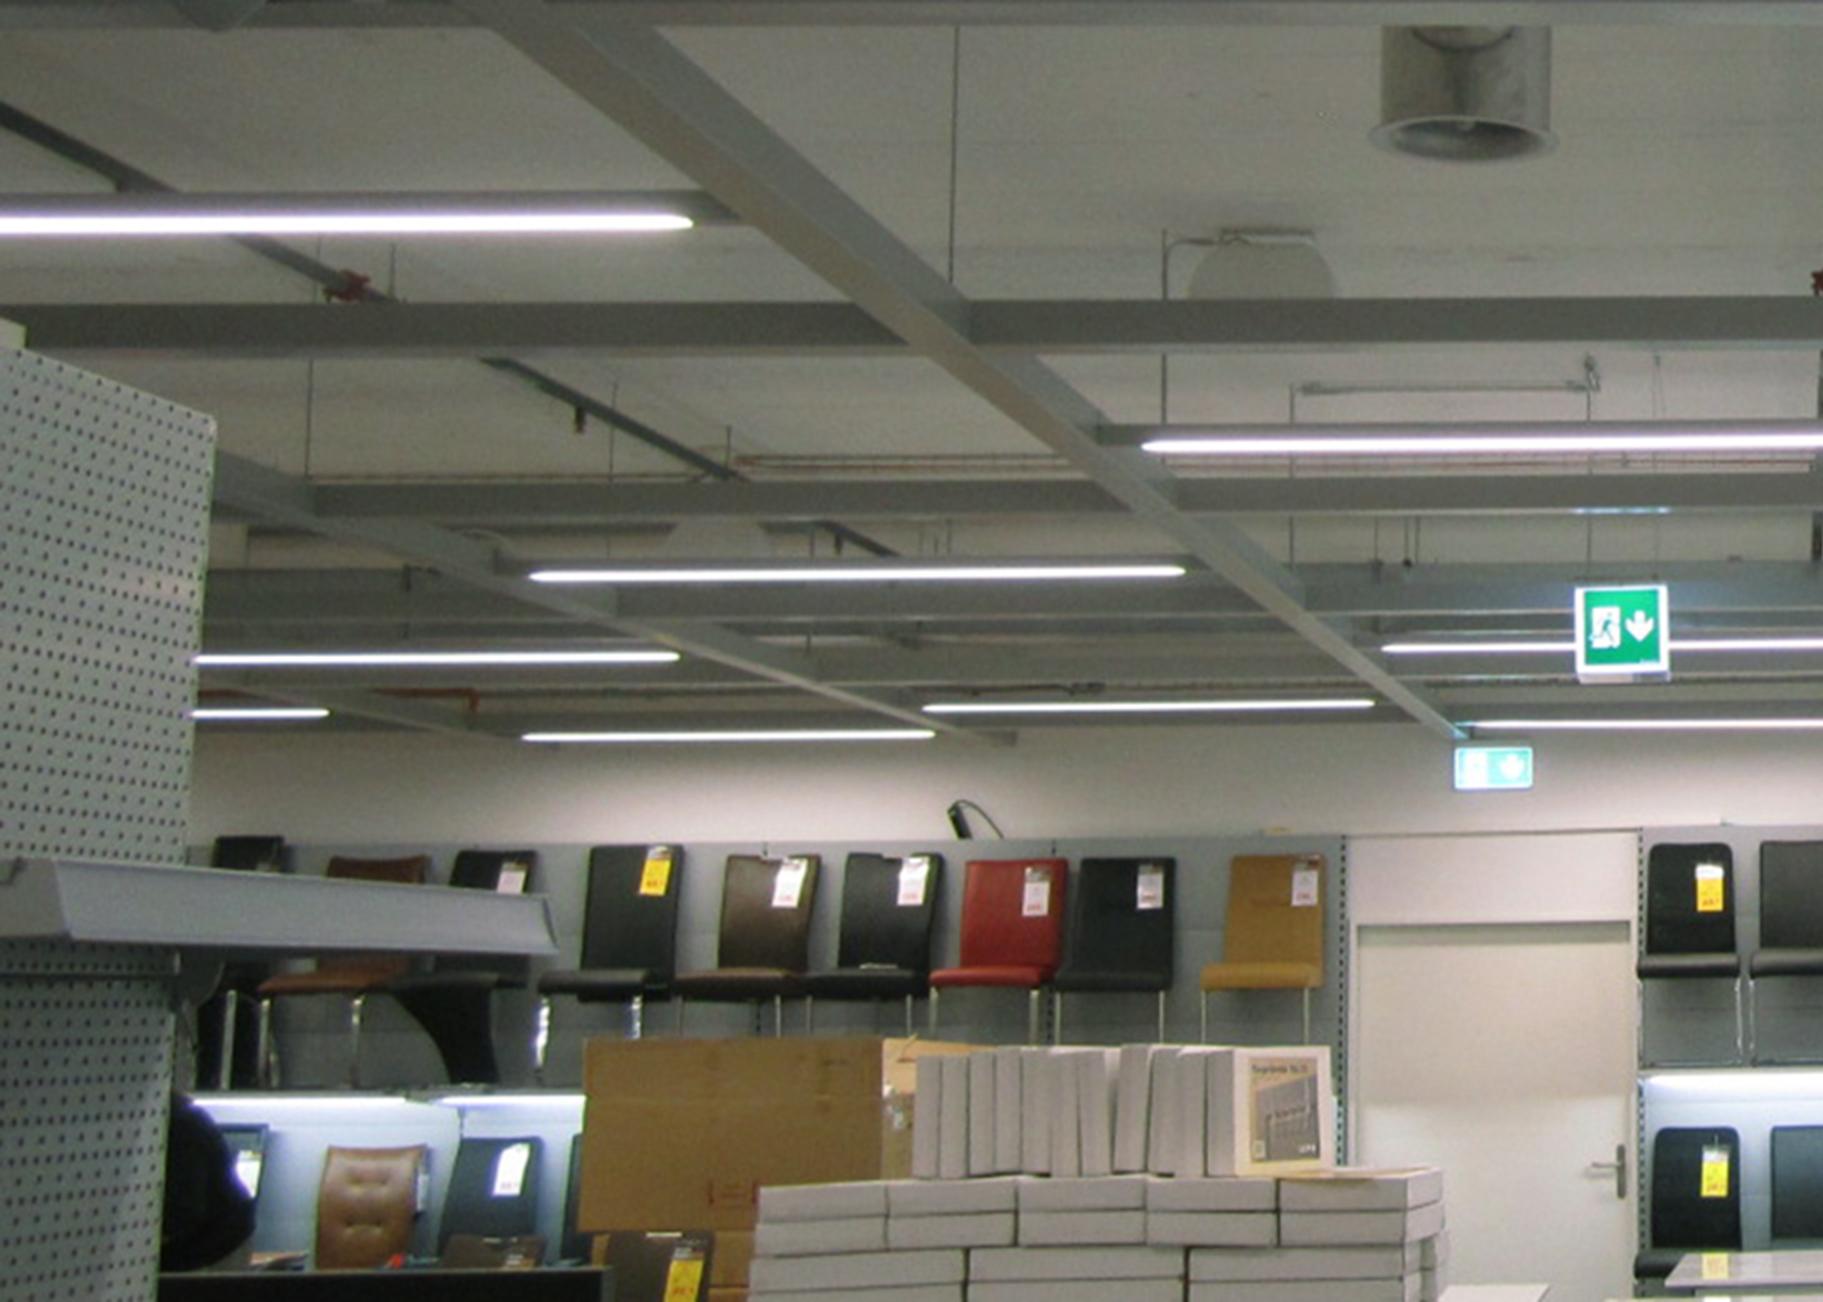 Kompakt linjär LED-belysning i butiksmiljö.